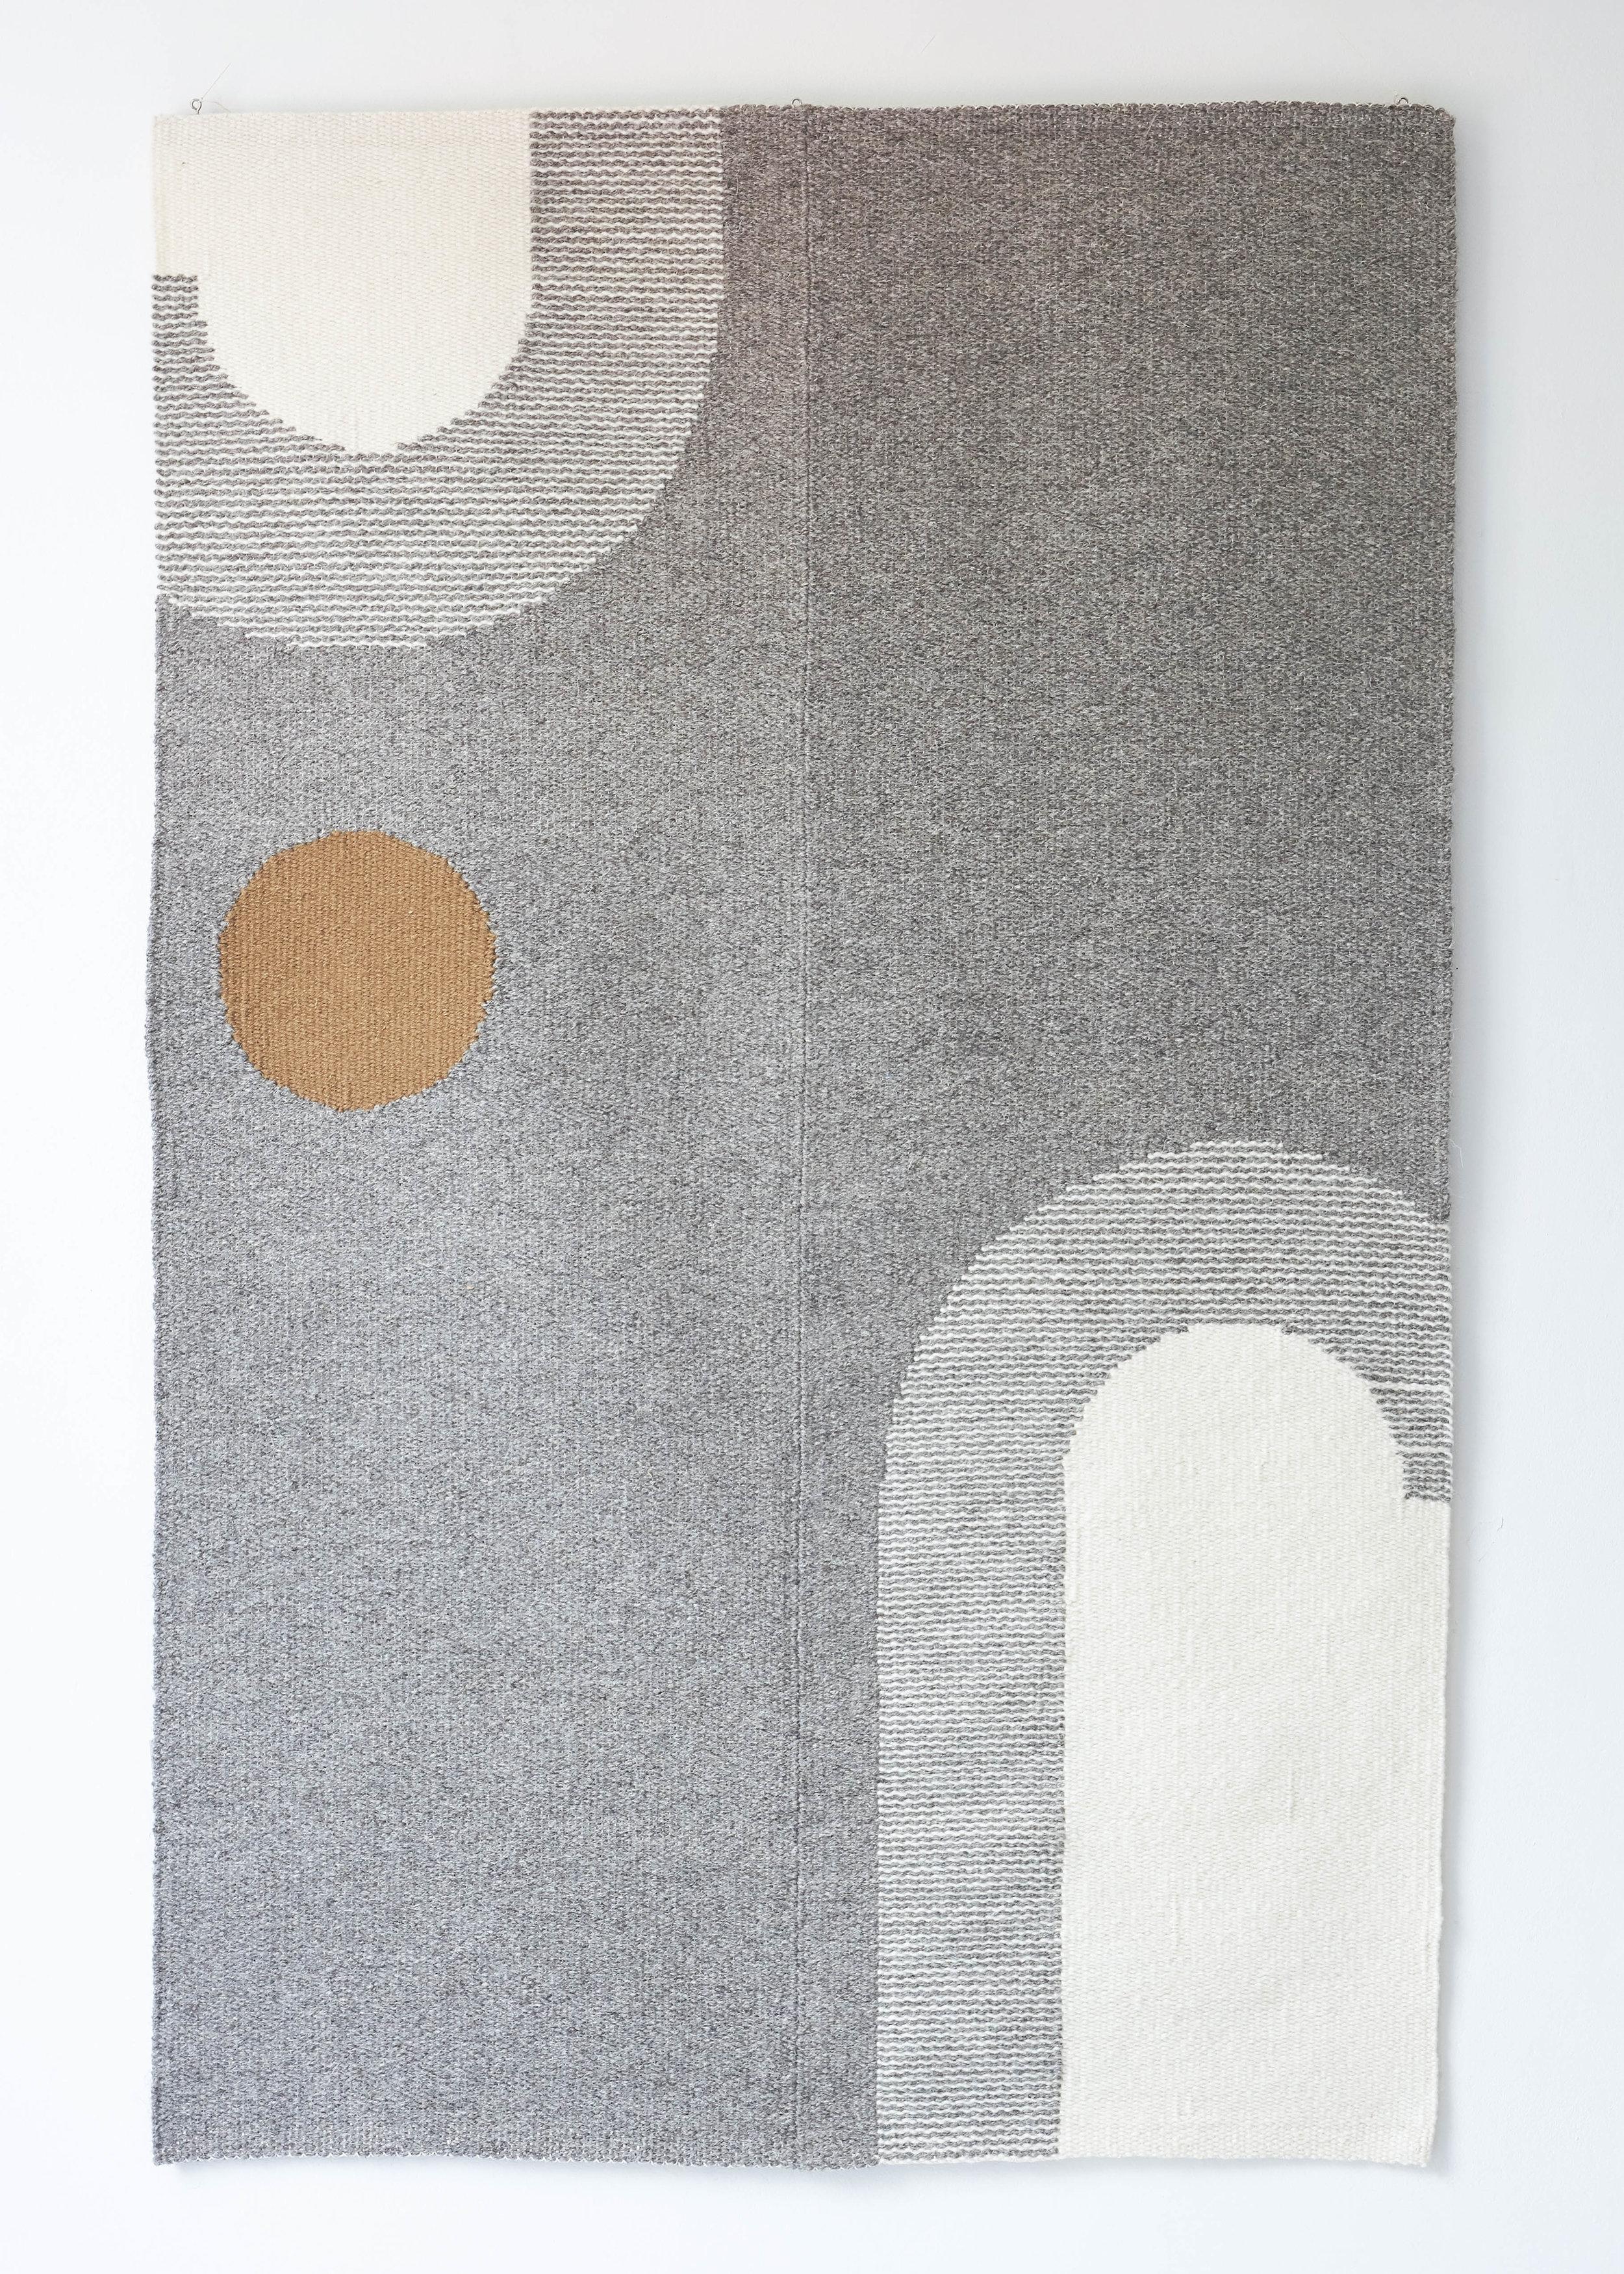 Christabel-Balfour-Two Pillars 001.jpg